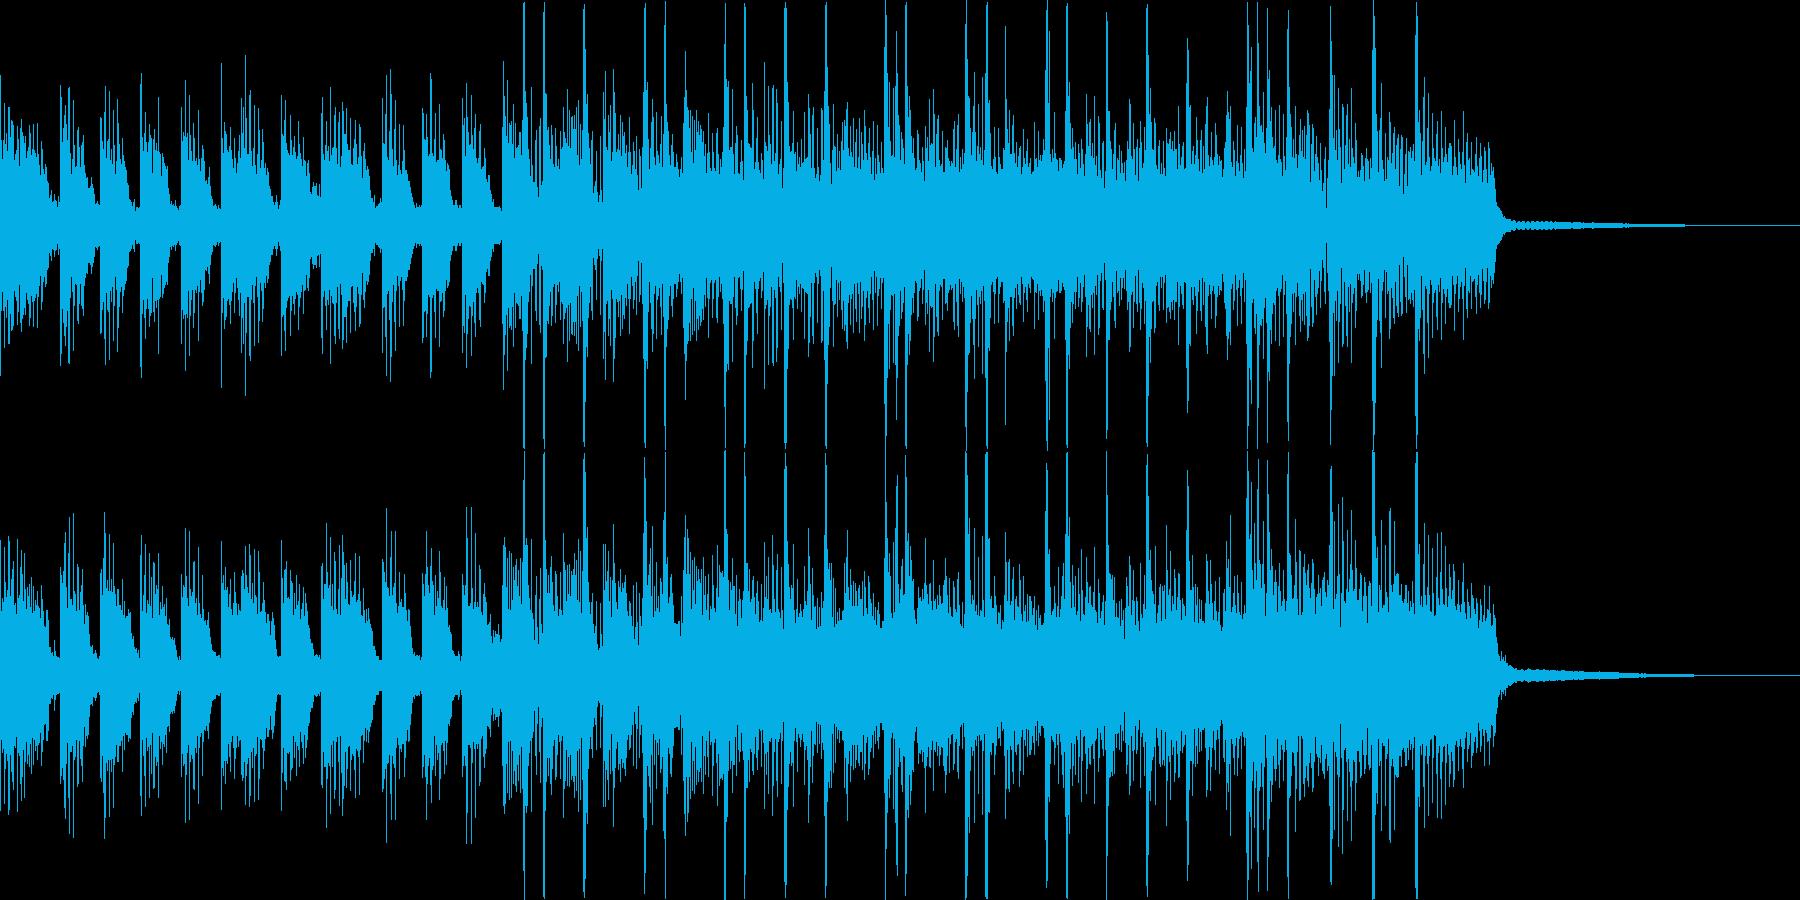 ヘヴィでアグレッシブなジングルその3の再生済みの波形